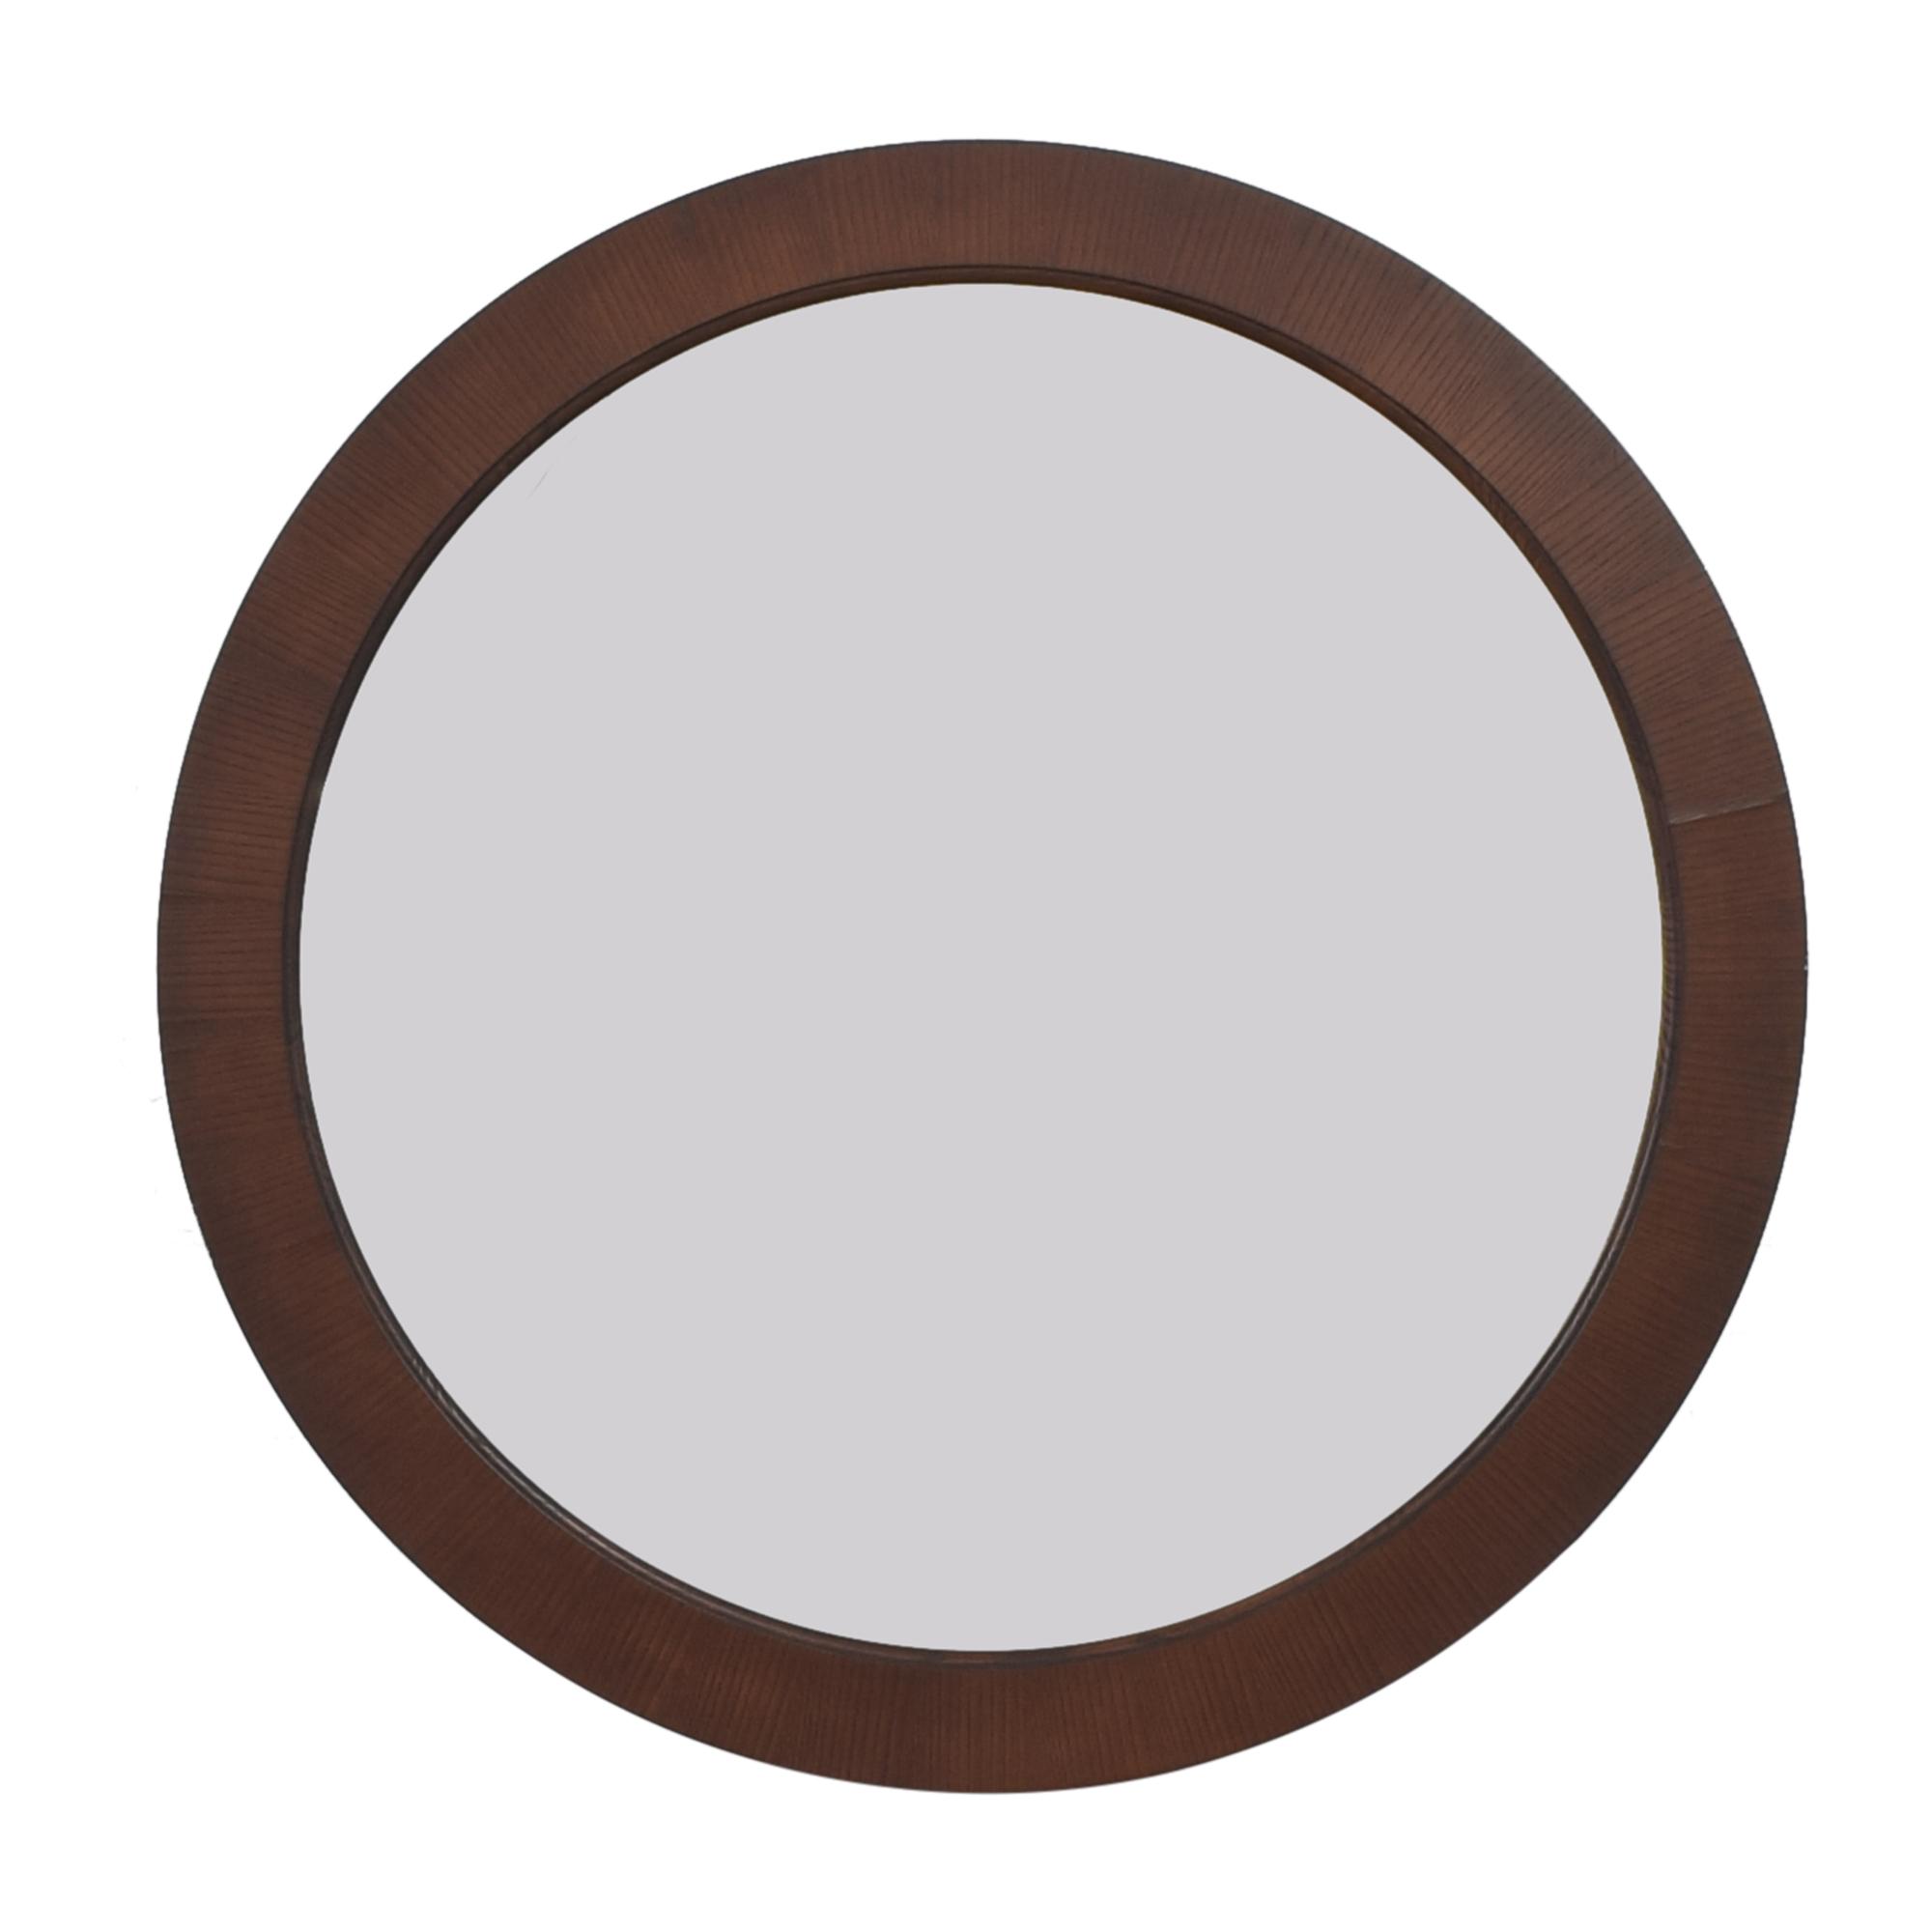 Ethan Allen Horizons Round Mirror / Mirrors